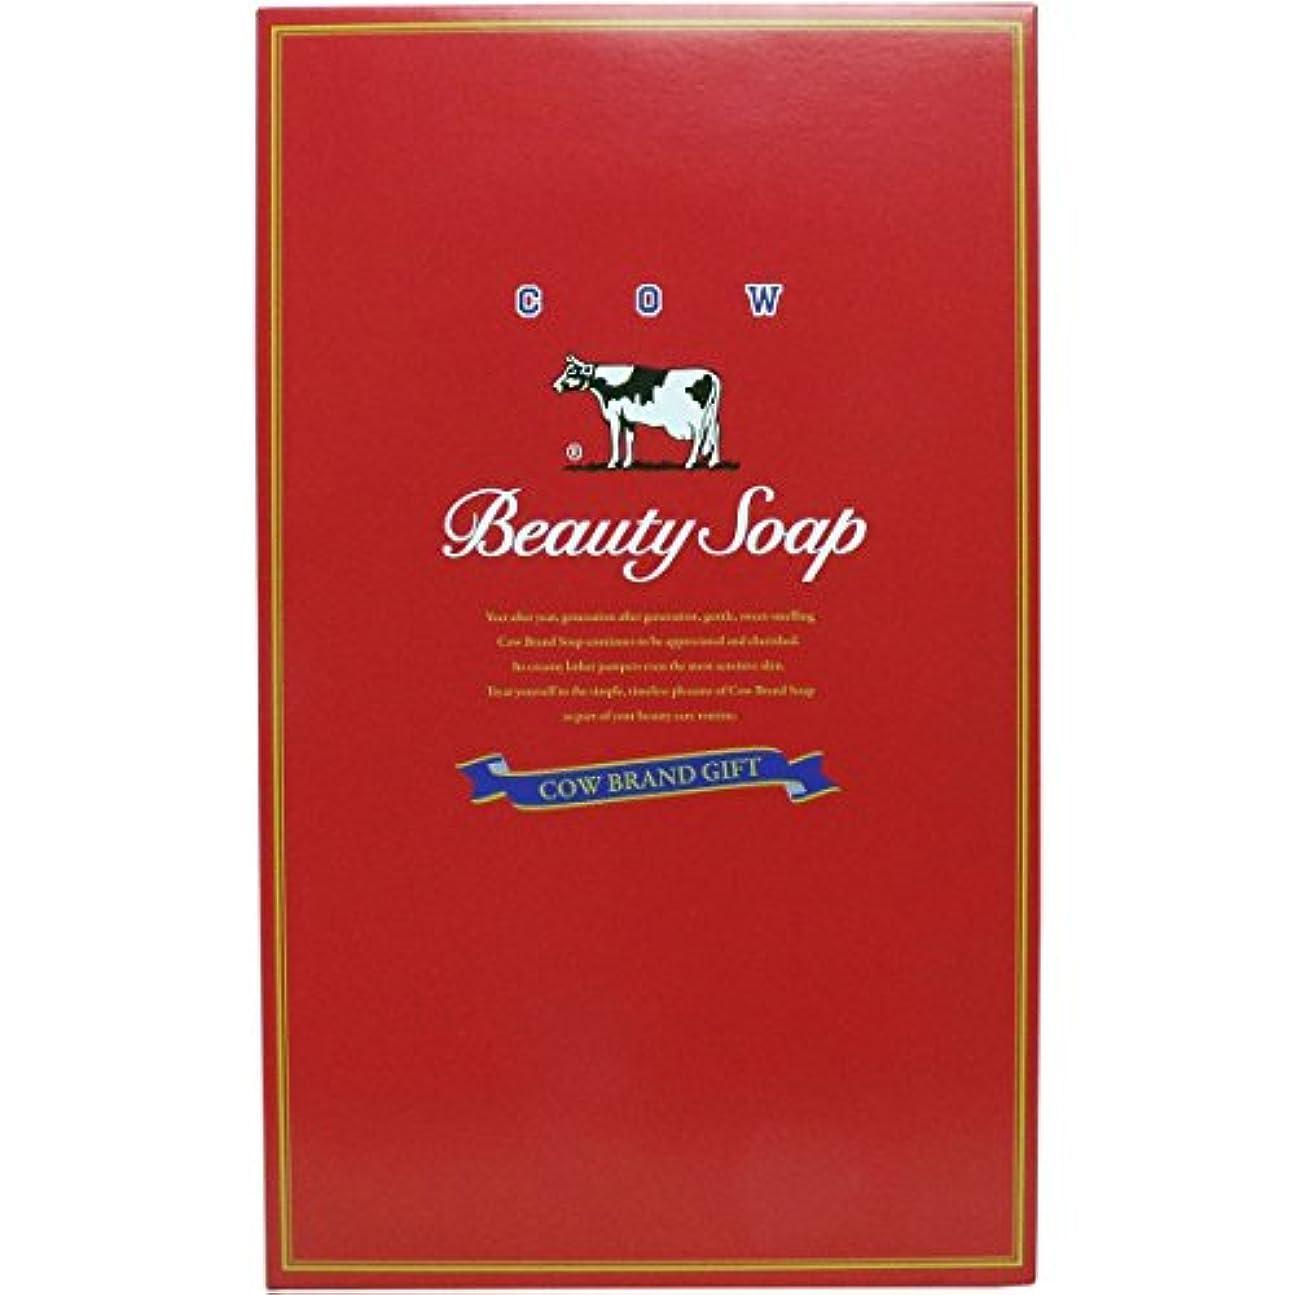 人気情緒的のスコア牛乳石鹸共進社 カウブランド石鹸 赤箱 100g×10個×3箱